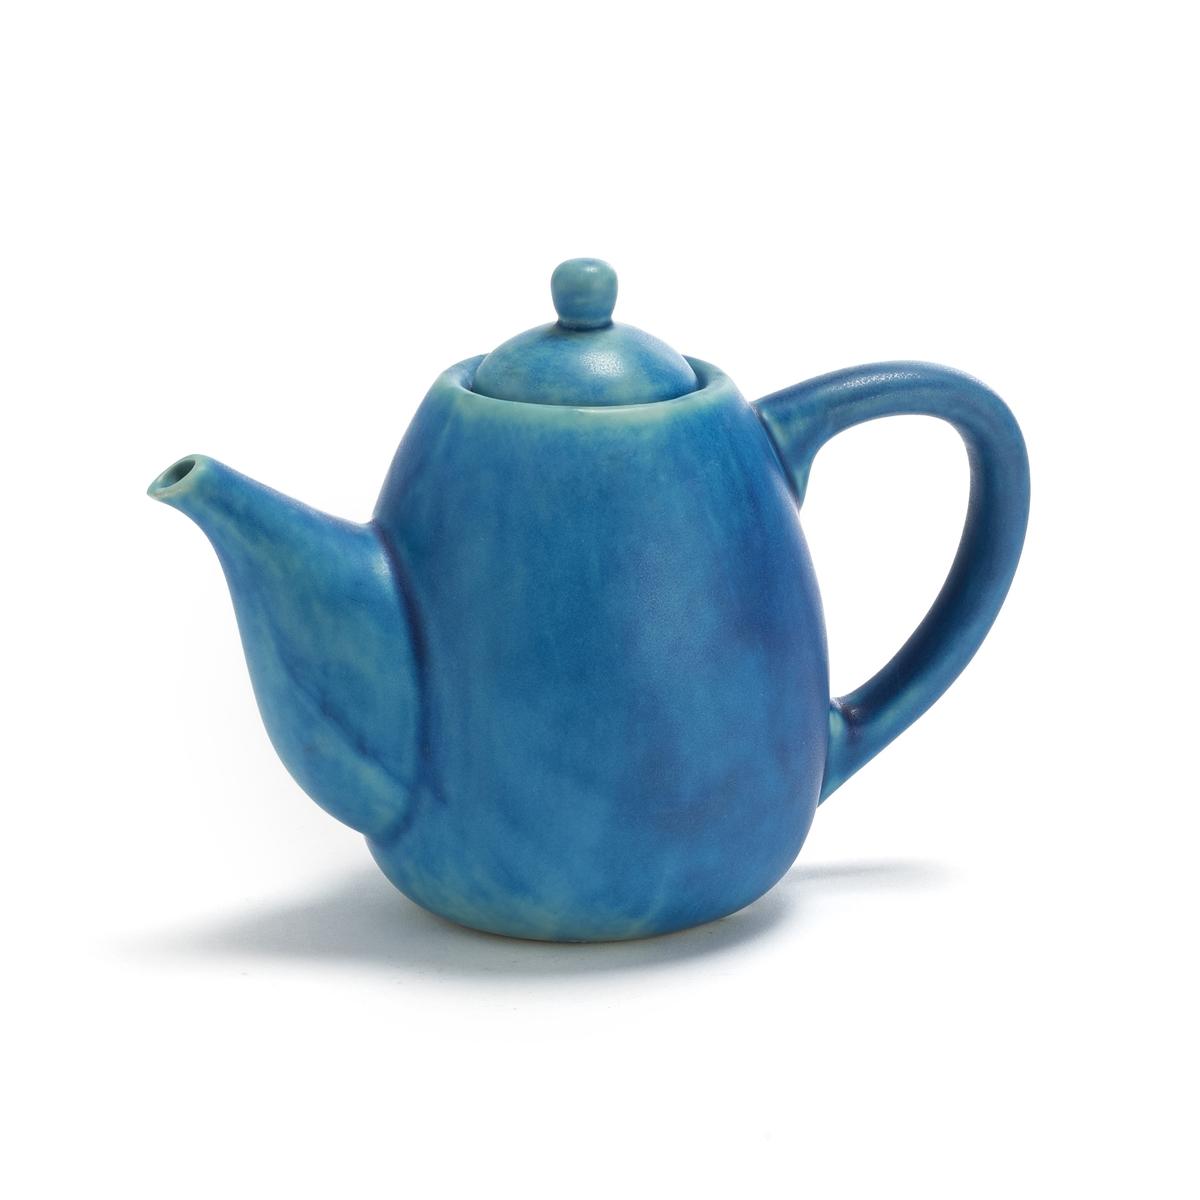 Чайник La Redoute Из керамики покрытой глазурью Akemi единый размер синий